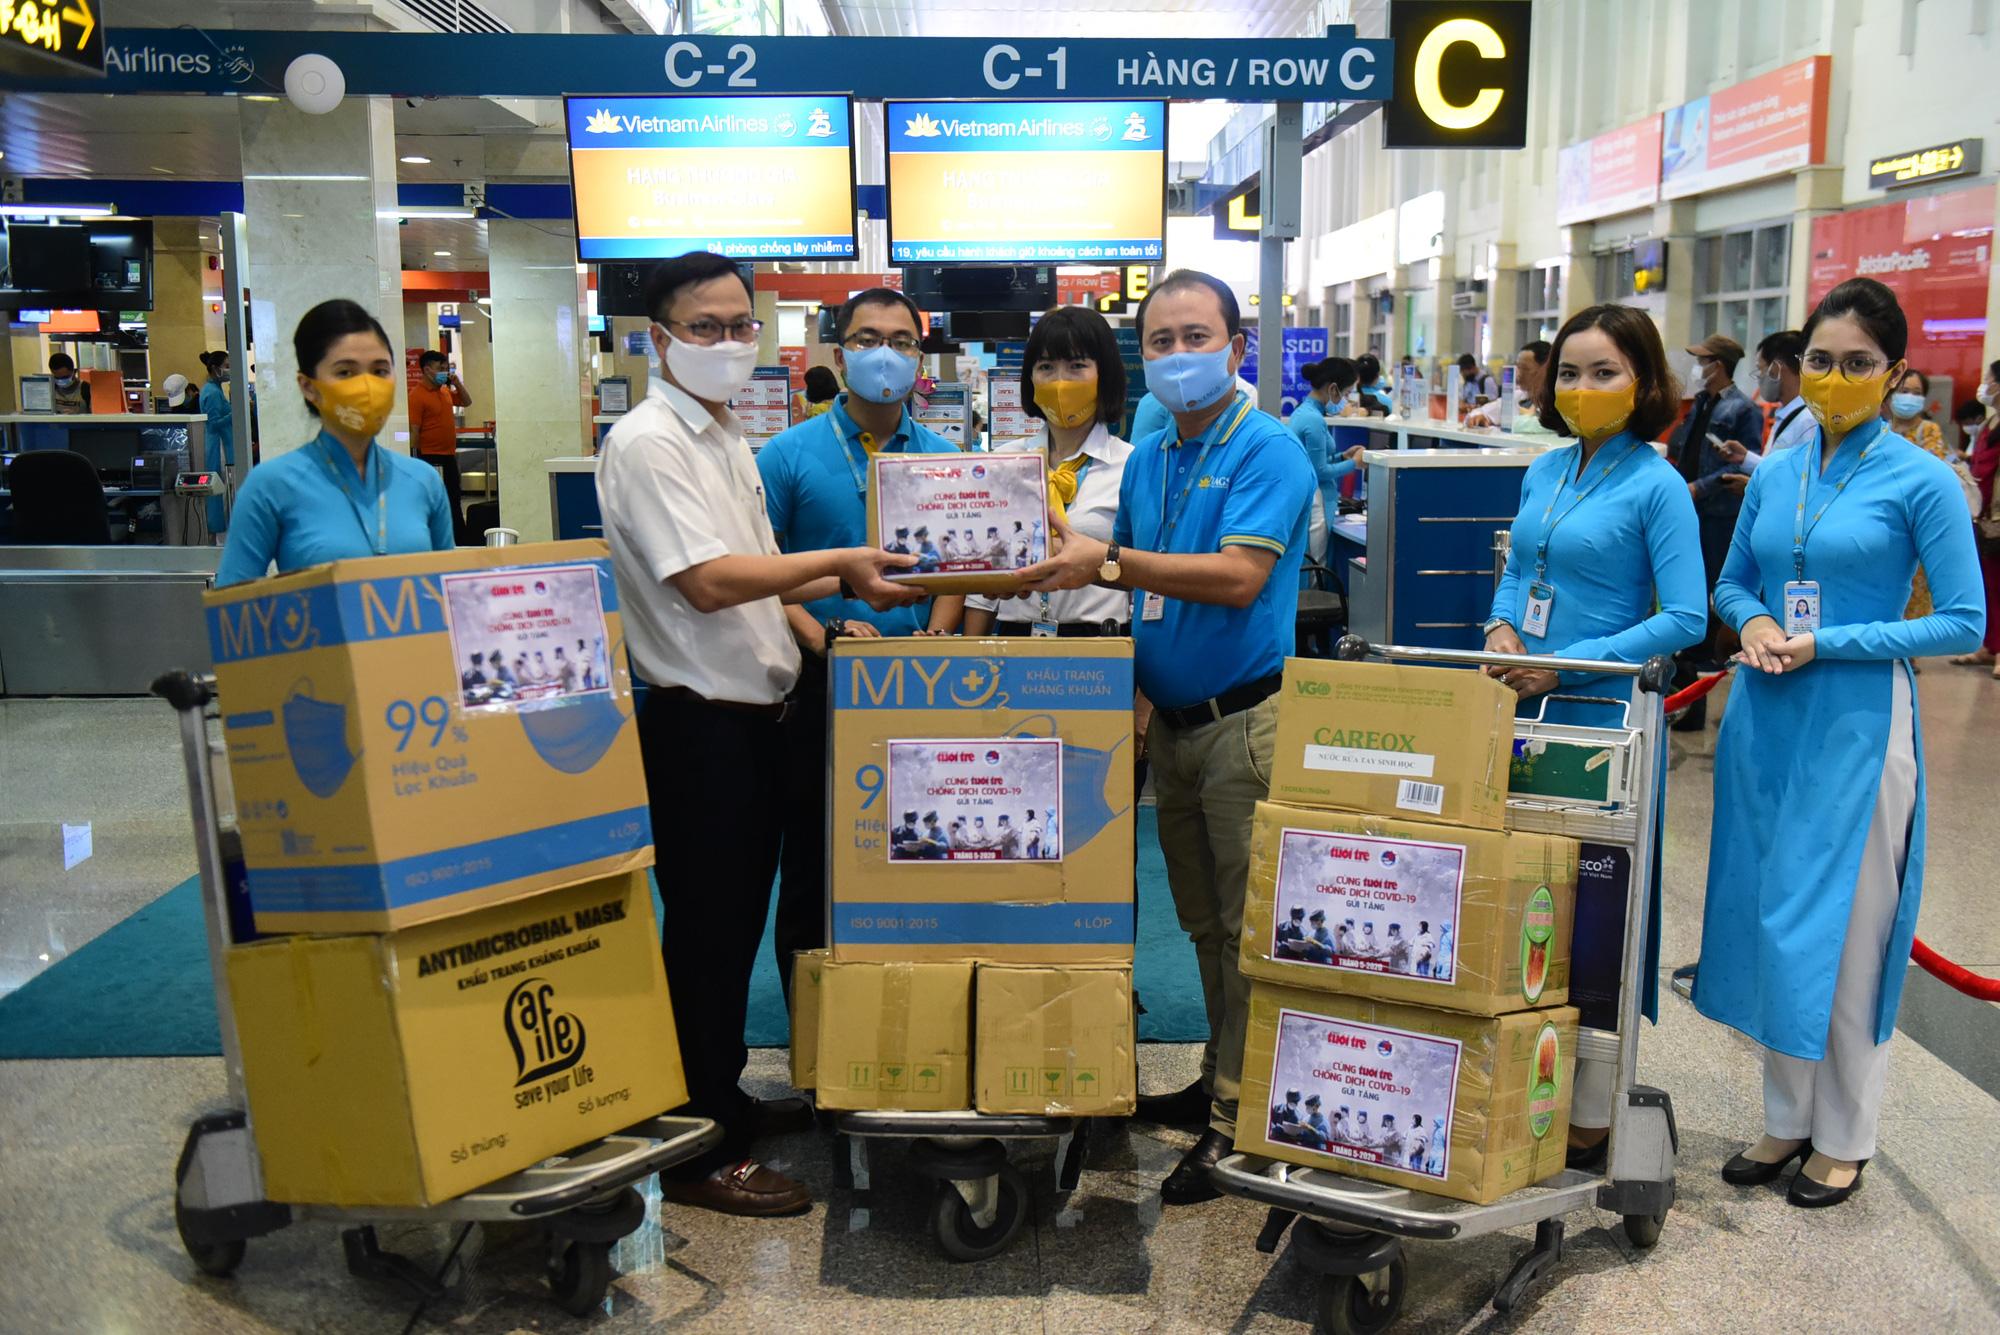 Tuổi Trẻ trao hàng ngàn vật phẩm, thiết bị y tế cho tuyến đầu chống dịch ở sân bay - Ảnh 1.